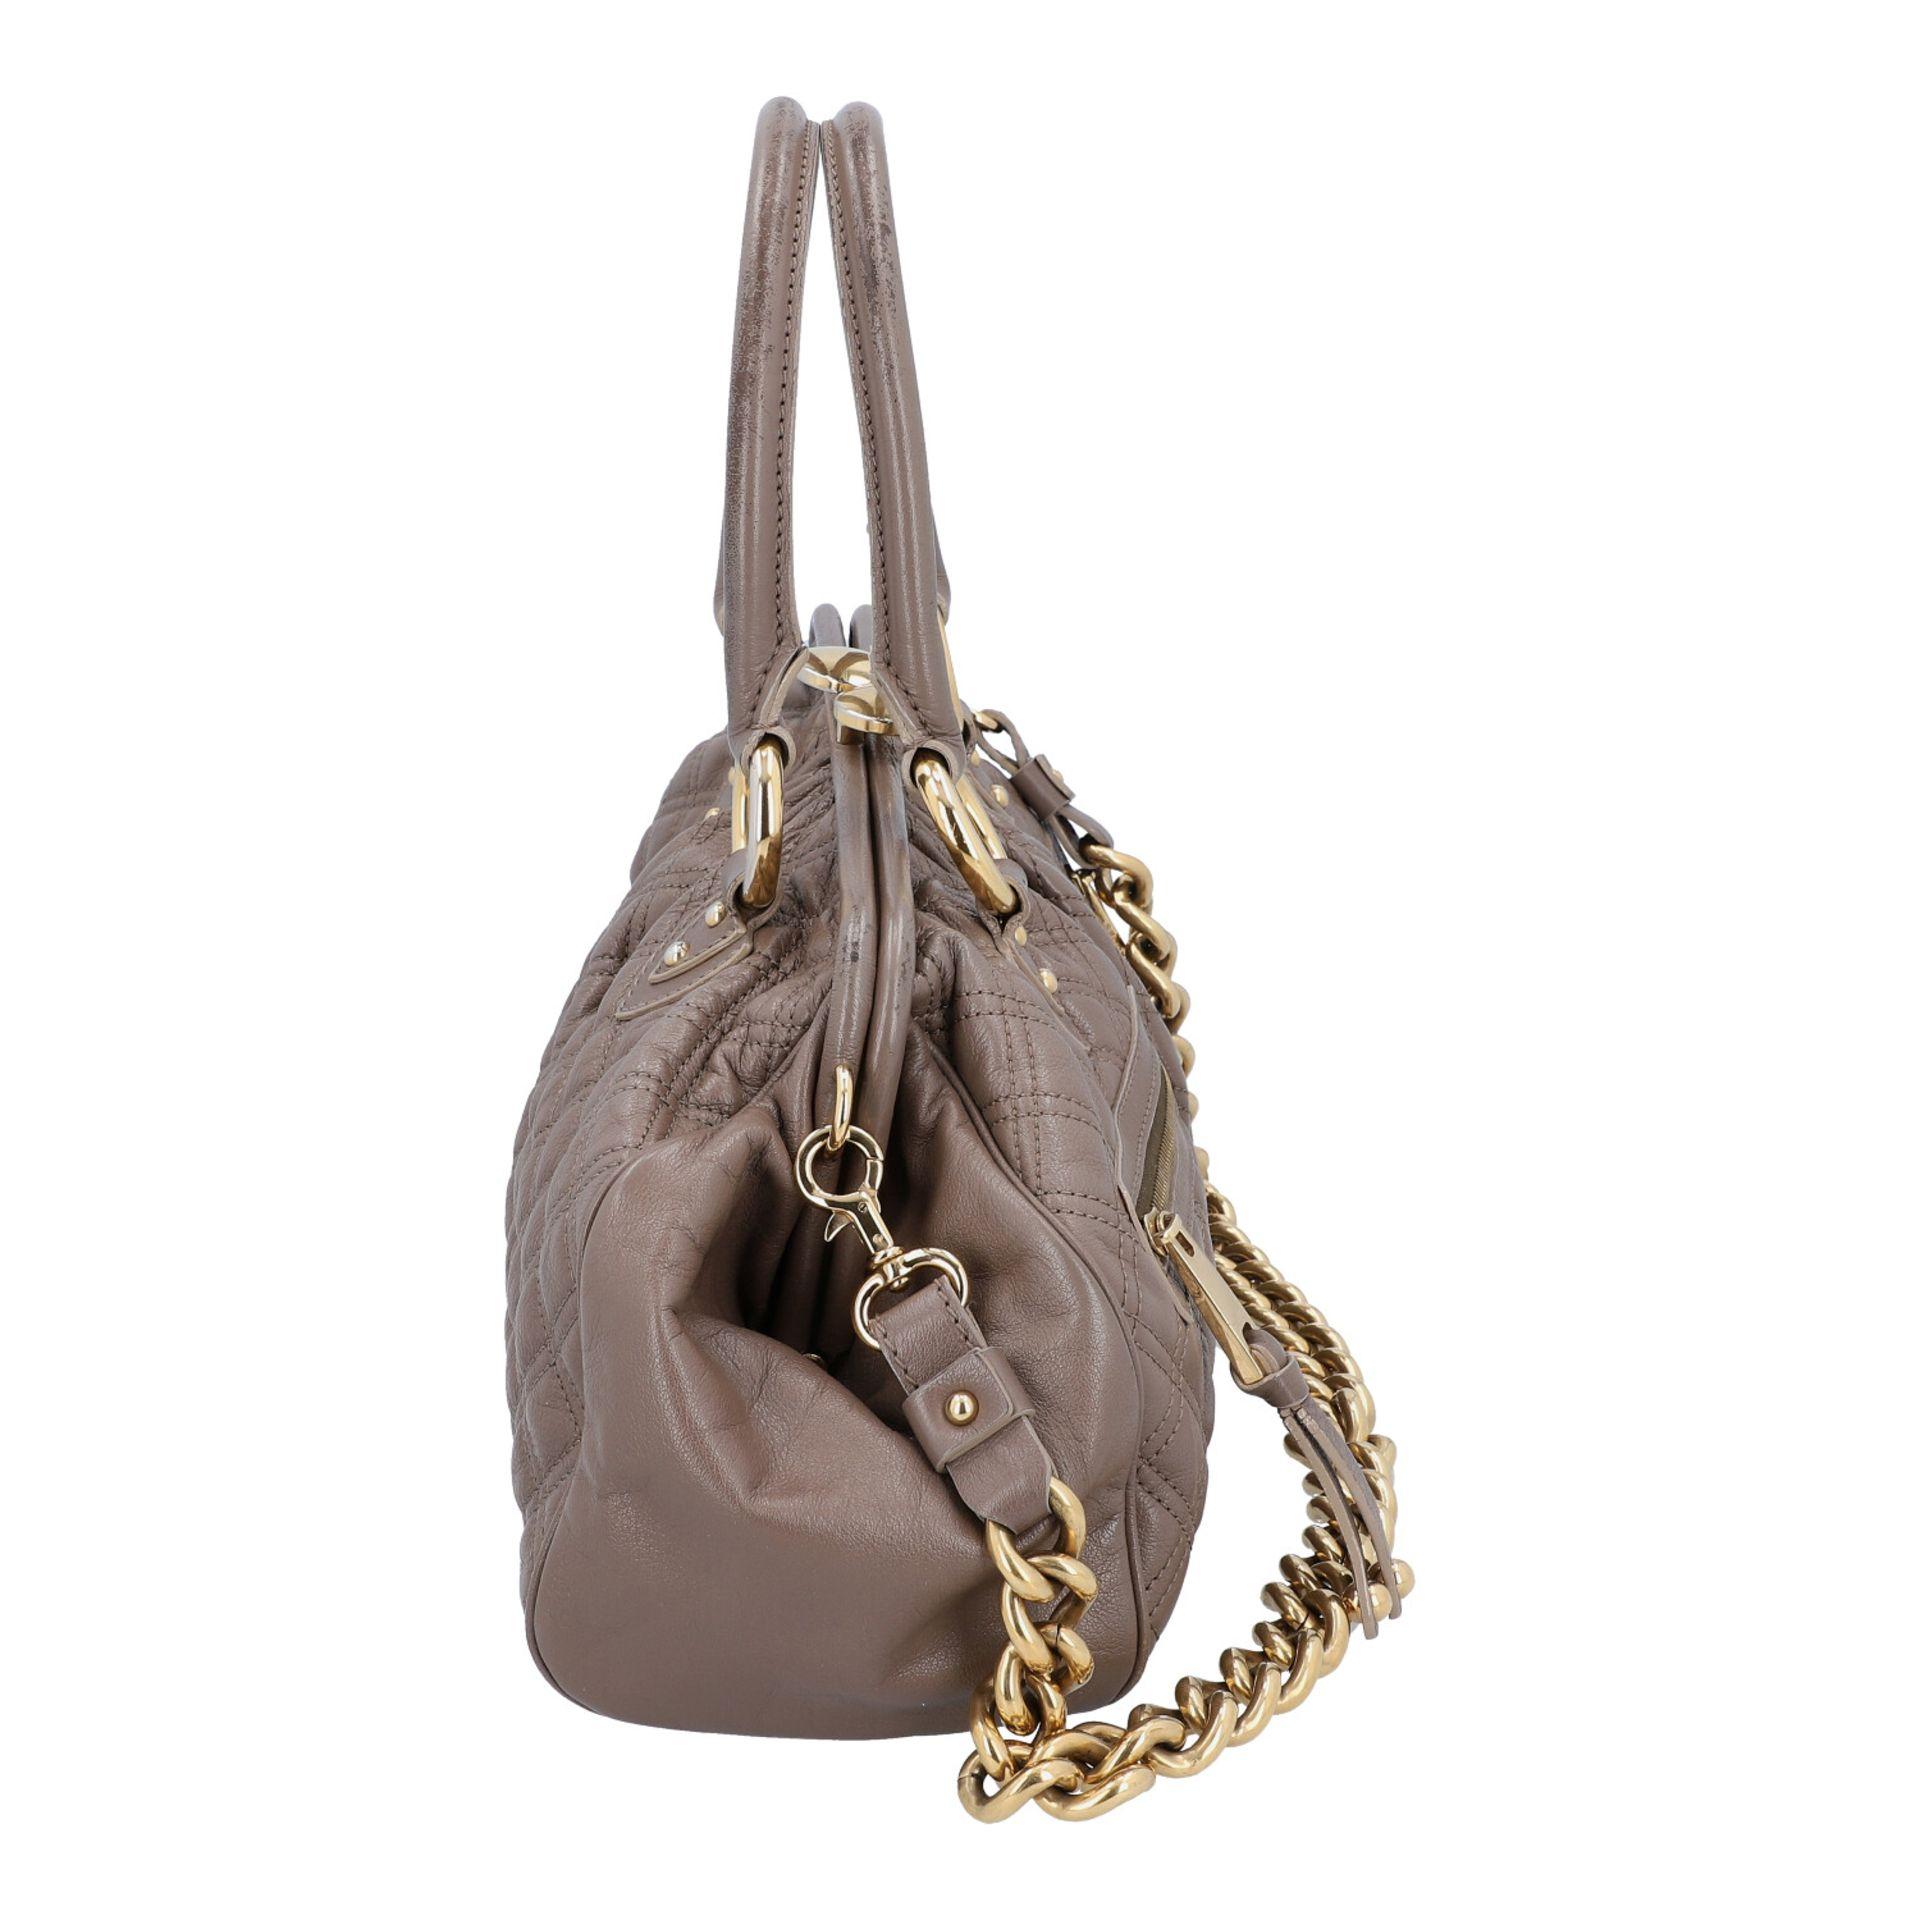 MARC JACOBS Handtasche. Leder in Elefantengrau mit goldfarbener Hardware und Rautenste - Image 3 of 8